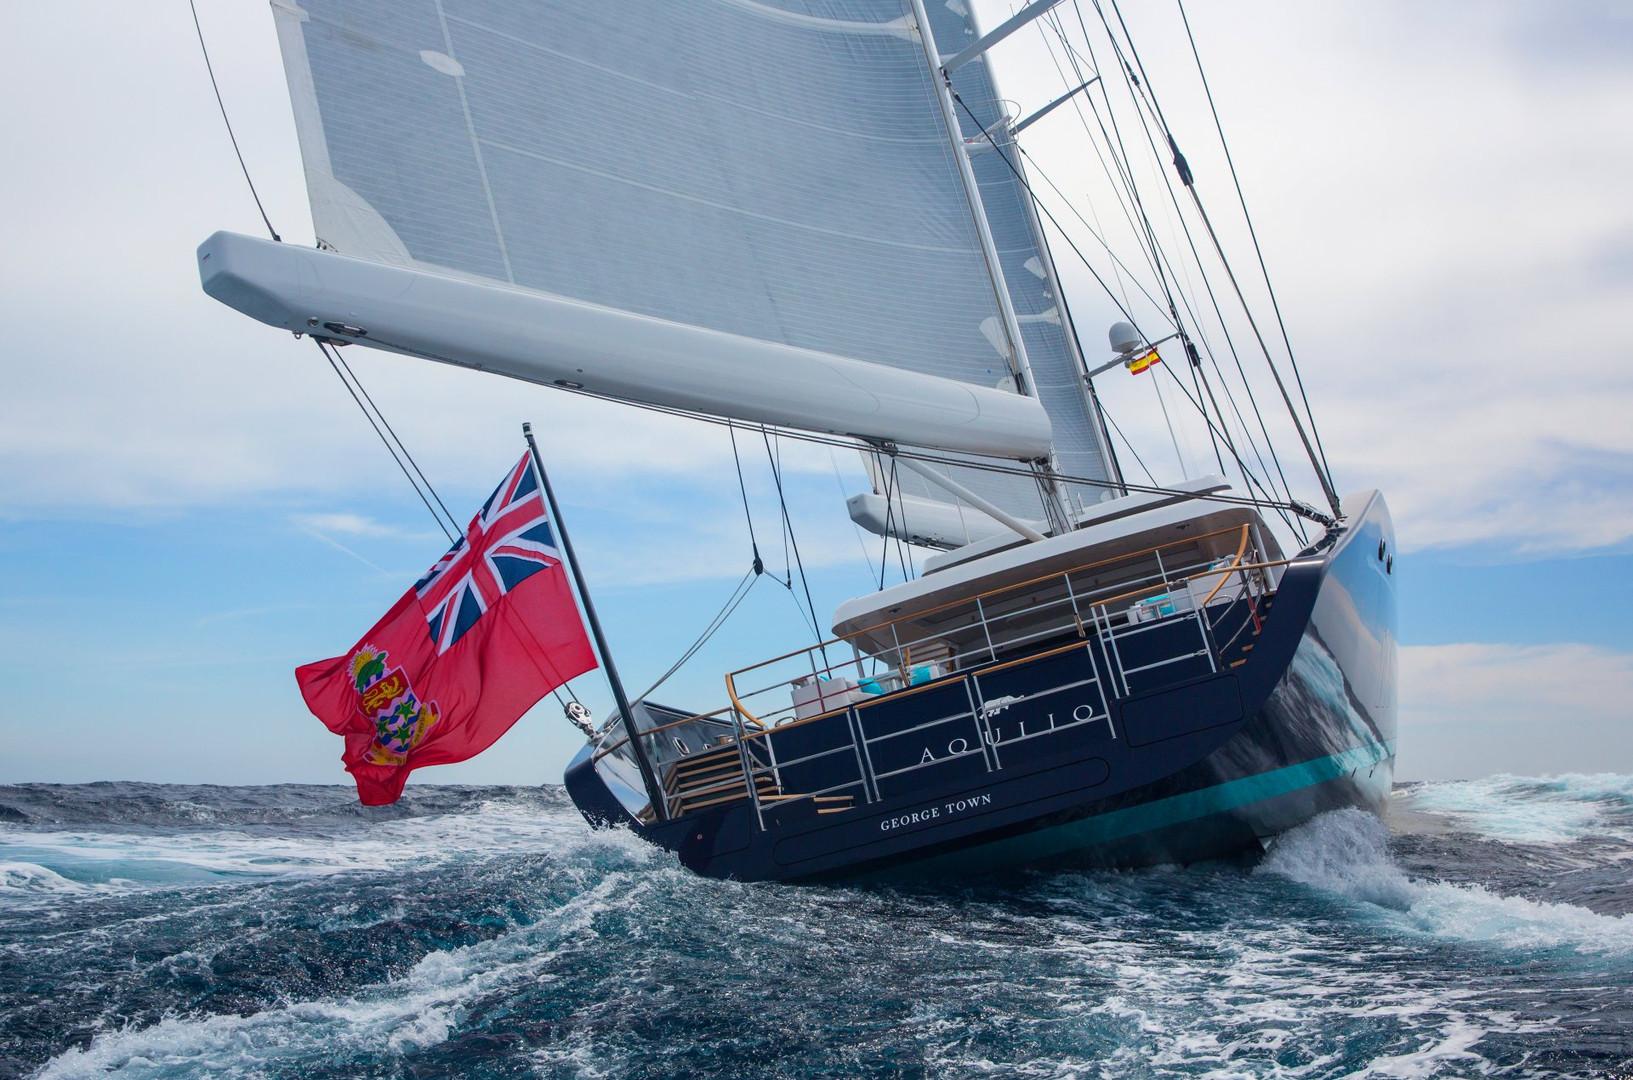 Yacht AQUIJO - underway, full sail